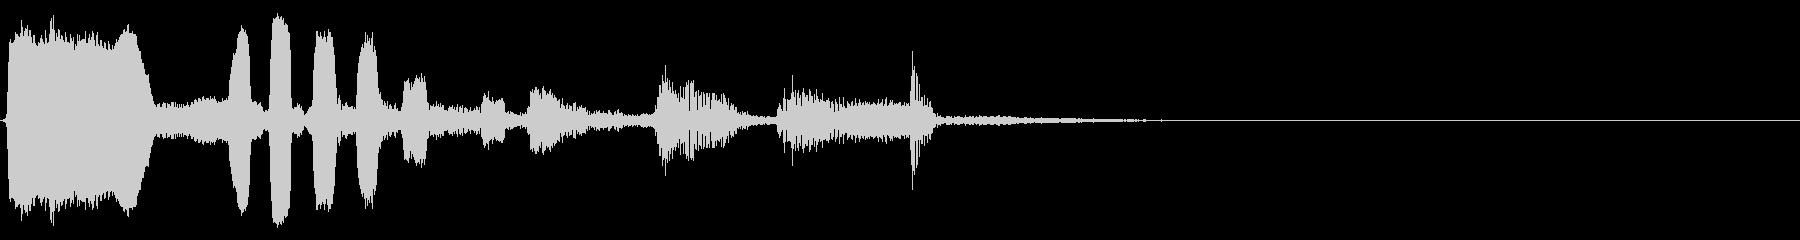 アコギとオカリナ生音のジングル1の未再生の波形